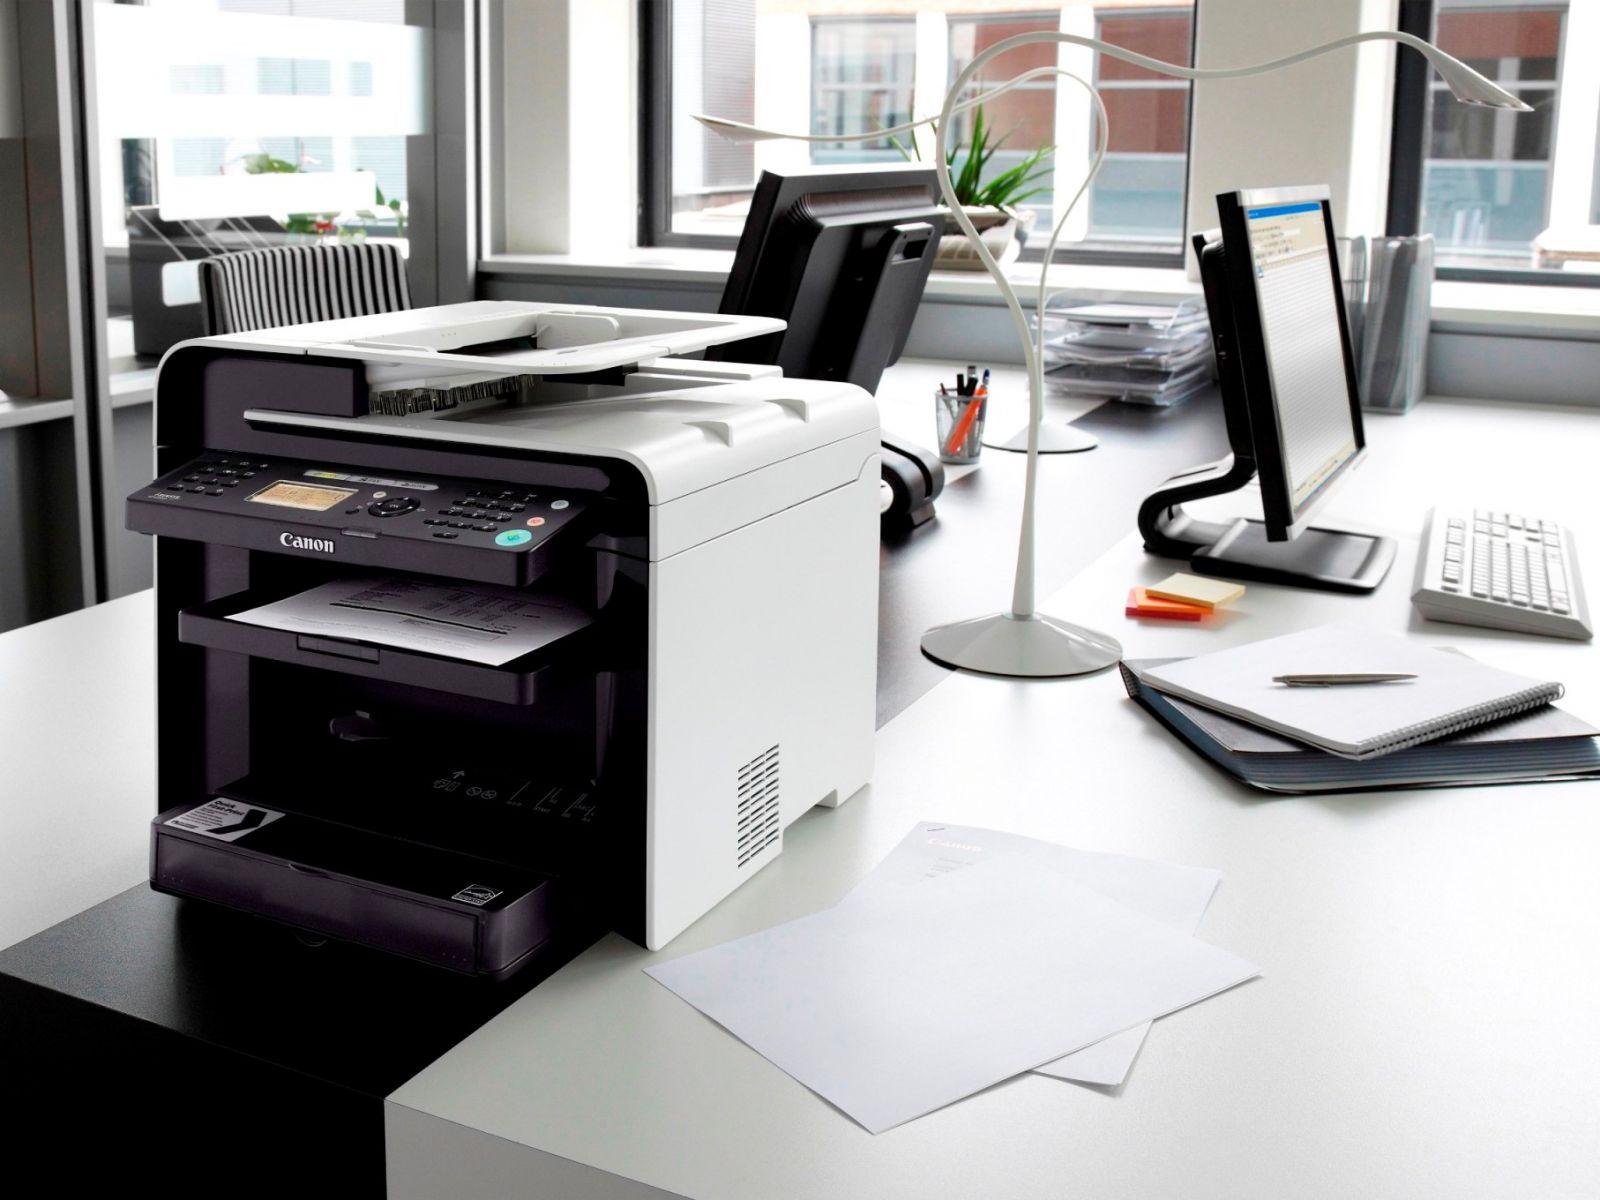 Mực in dùng cho máy in văn phòng